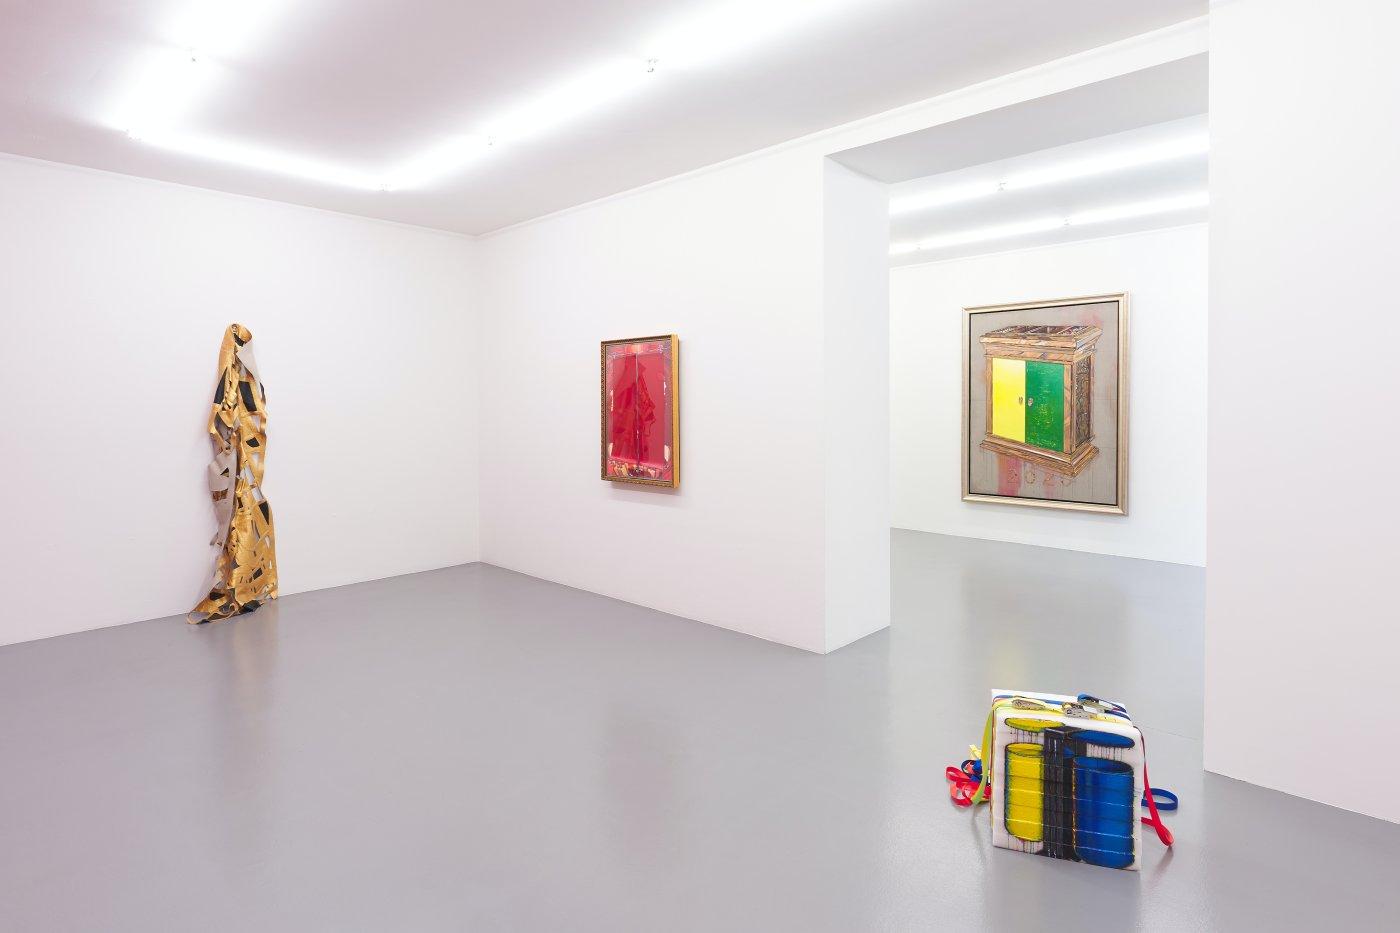 Mai 36 Galerie Zang Kunkun 4